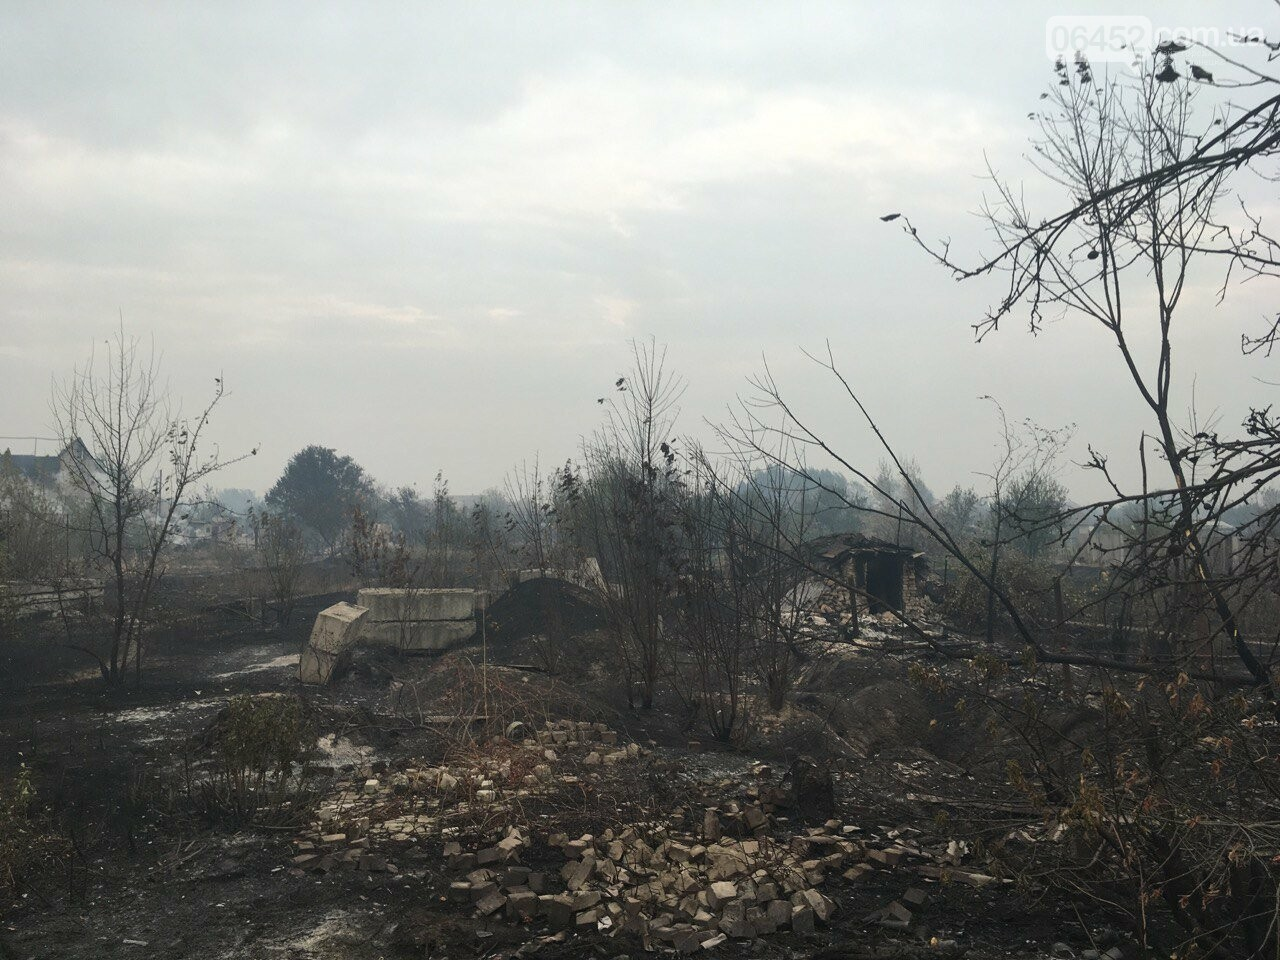 К тушению пожаров под Северодонецком подключена авиация (фото, видео), фото-3